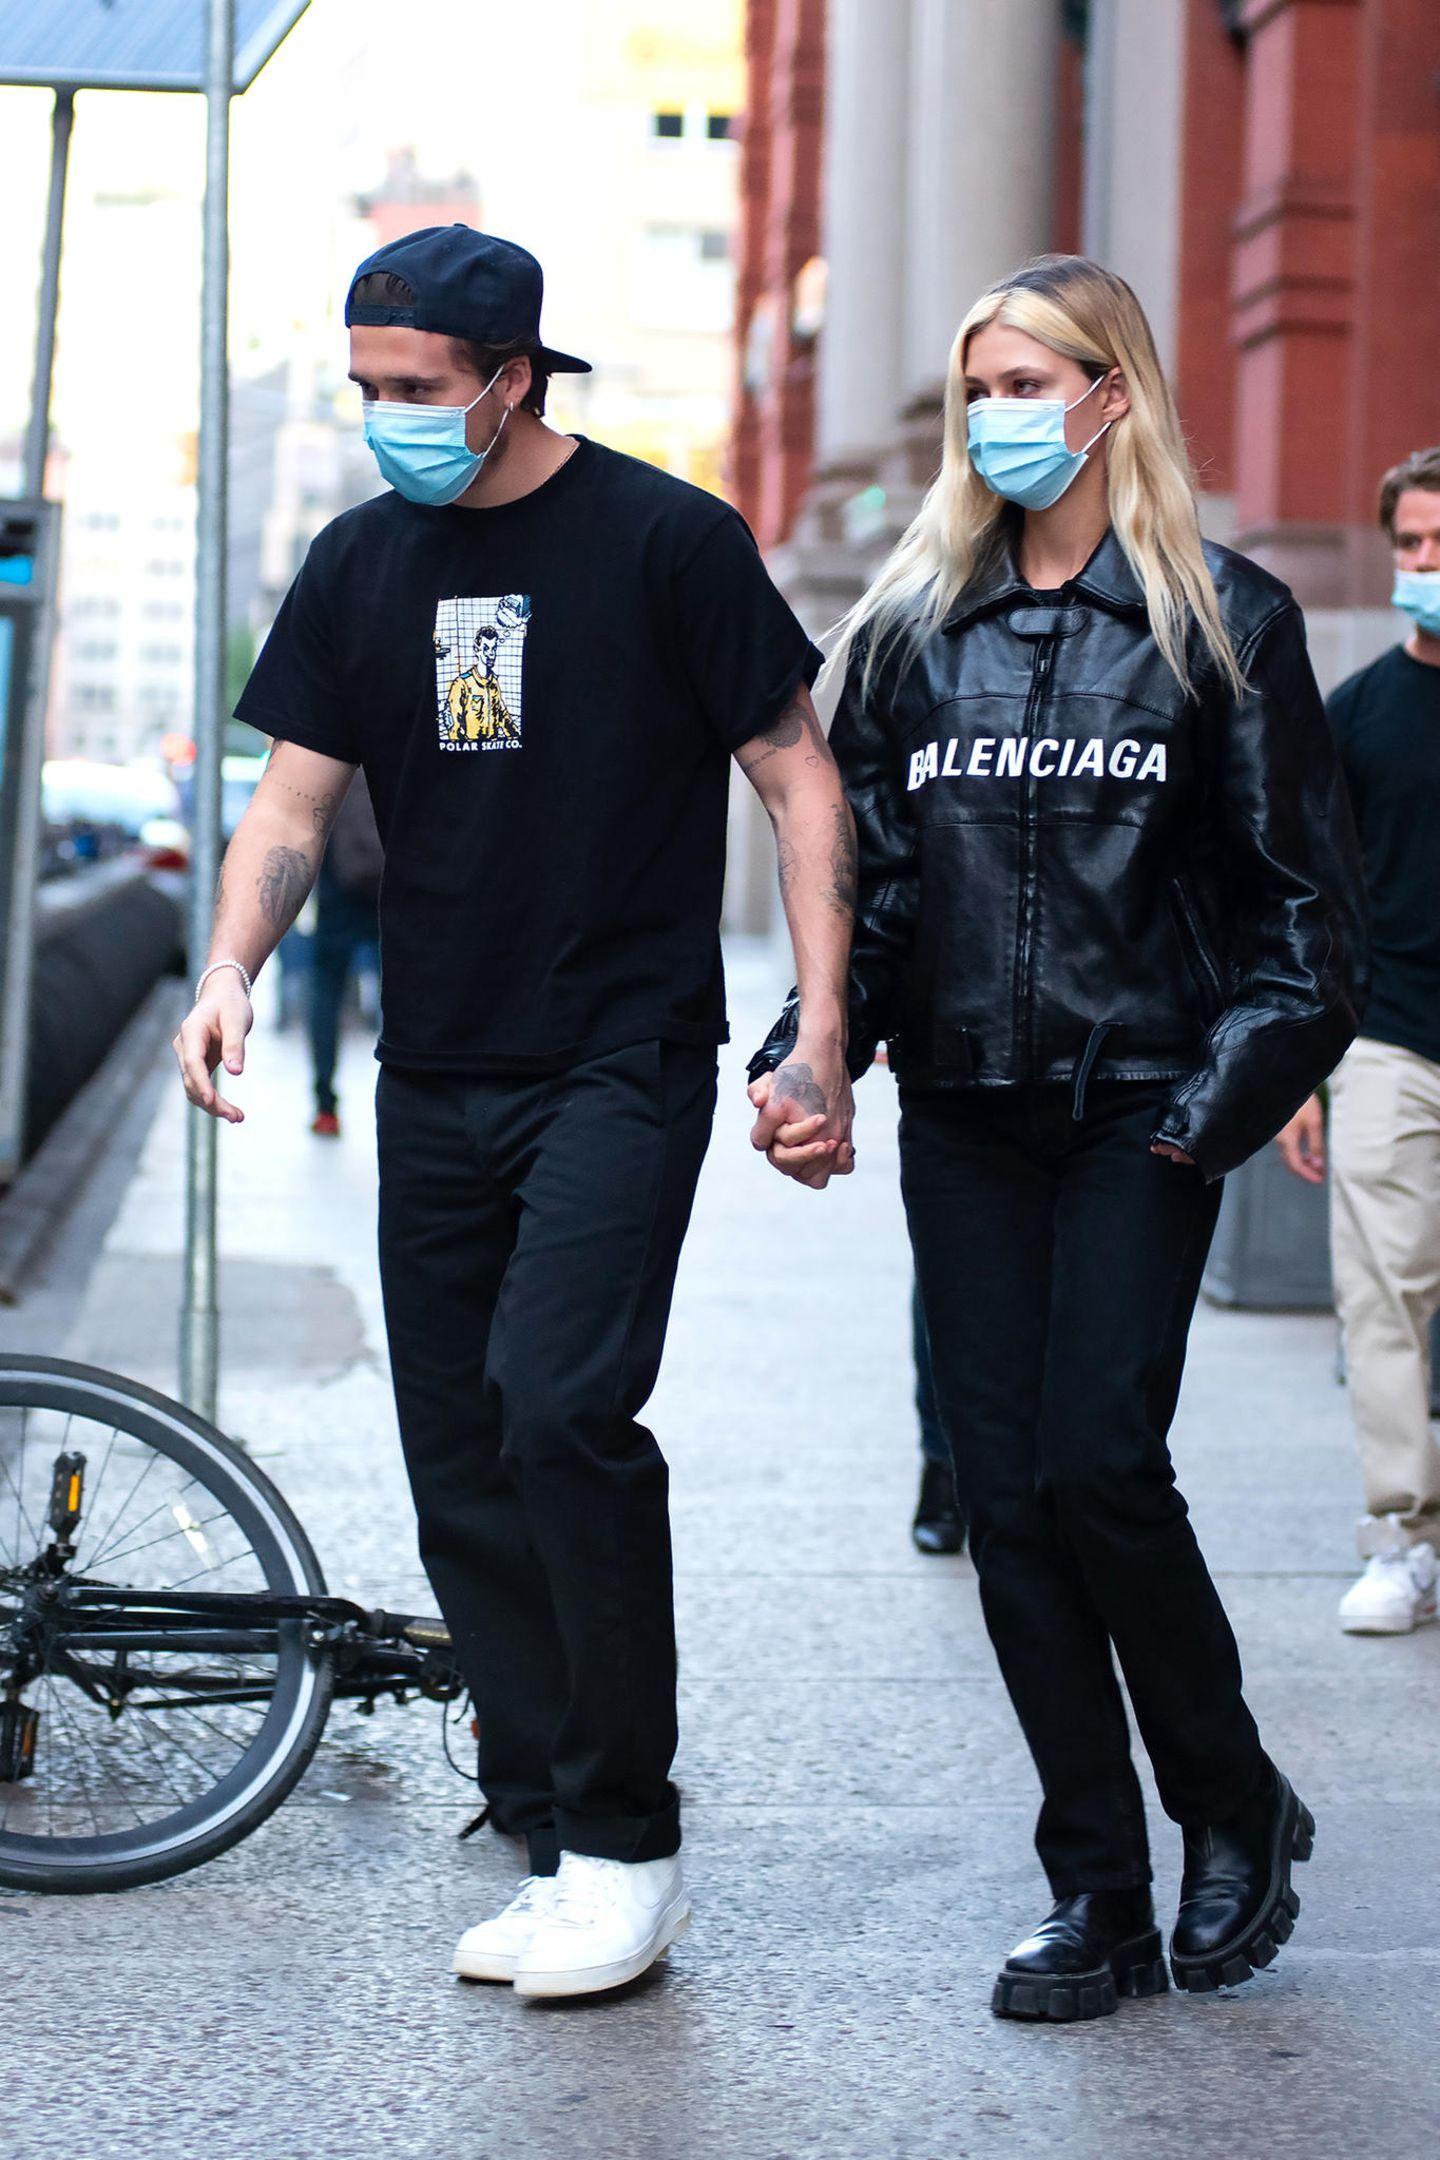 Warum sich in enge Kleider und hochhackige Schuhe zwängen, wenn man im lässigen Streetstyle viel bequemer Zeit mit dem liebsten verbringen kann? Denken sich wahrscheinlich auch Brooklyn Beckham und seine VerlobteNicola Peltz und setzen lieber auf Jeans, Shirt und Bikerjacke. Auf Luxus wird trotzdem nicht verzichtet, Nicolas Jacke ist von Balenciaga und kostetrund3.990 Euro.